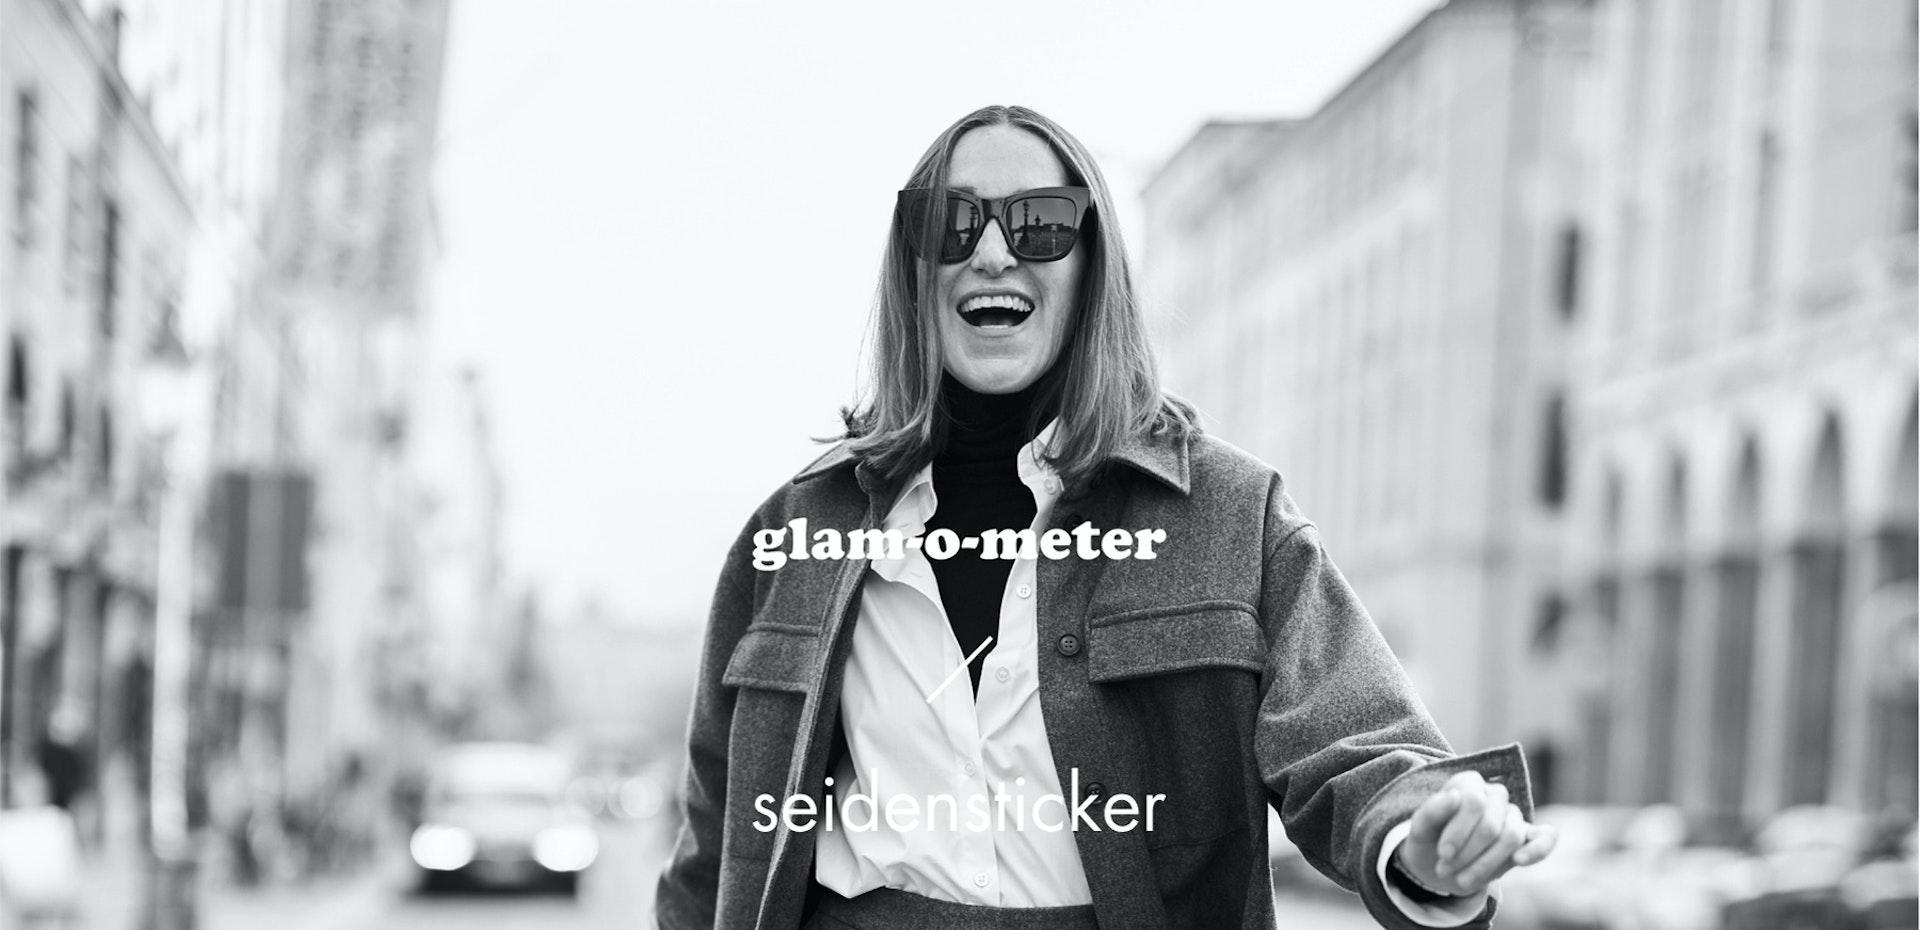 Glam-o-Meter x Seidensticker